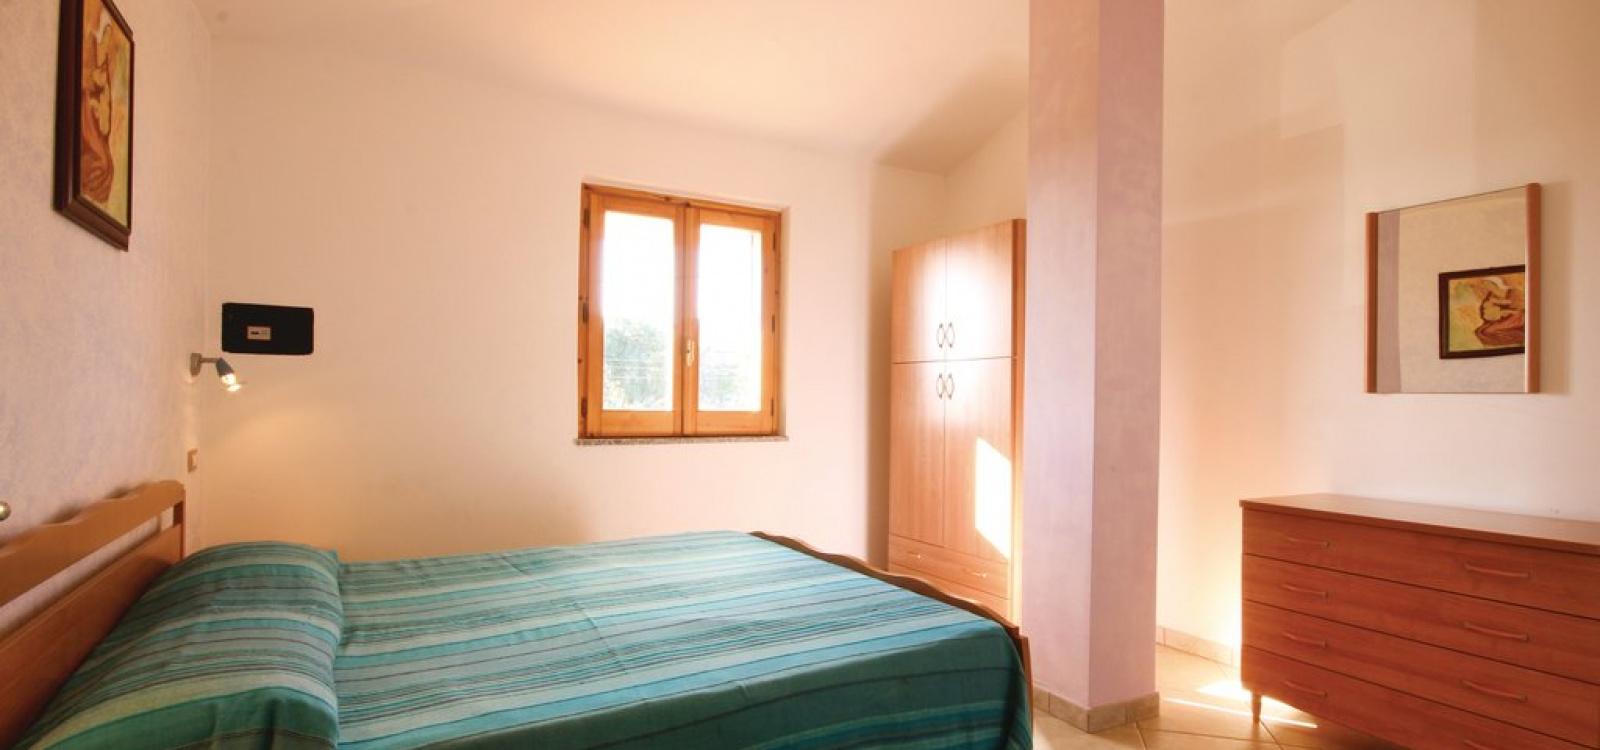 Residence, Affitto per vacanze, Provinciale x Tropea , ID Struttura 1005, Gurdurello , Capo Vaticano, Vibo Valentia, Italy, 89866,